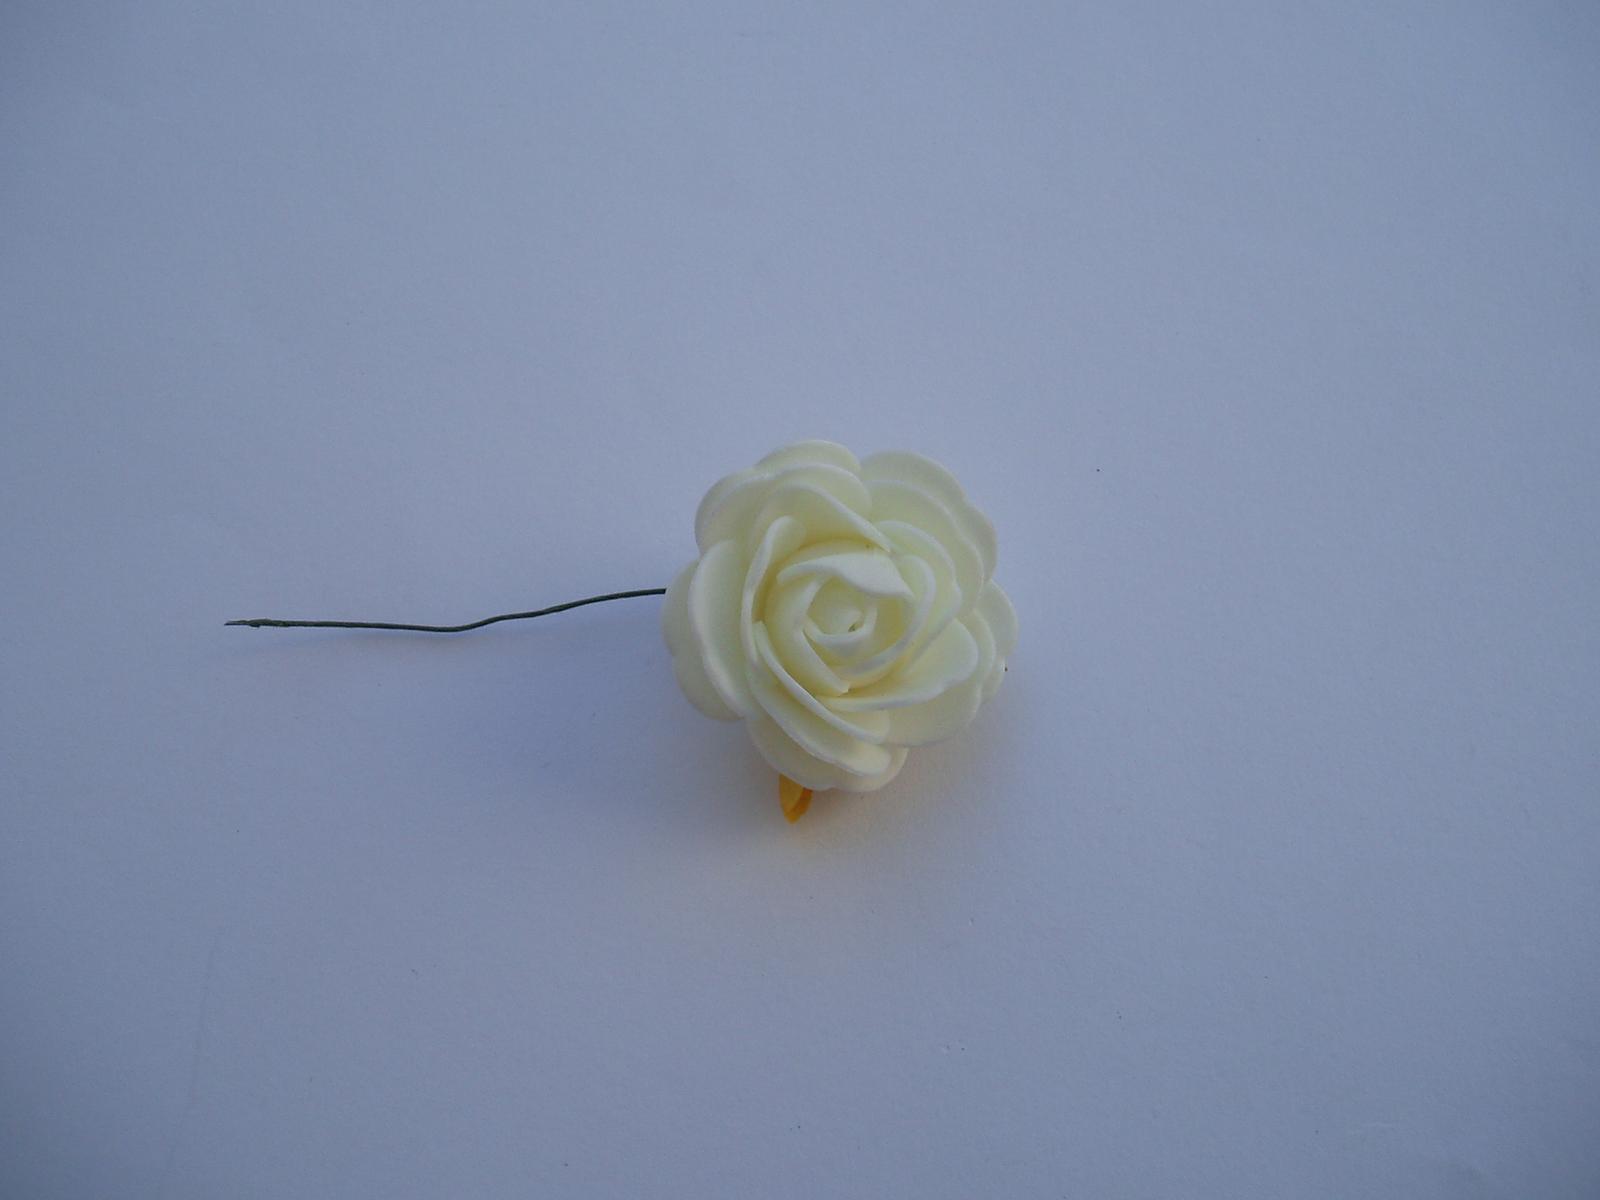 pěnová růže-smetanová 4 cm - Obrázek č. 1